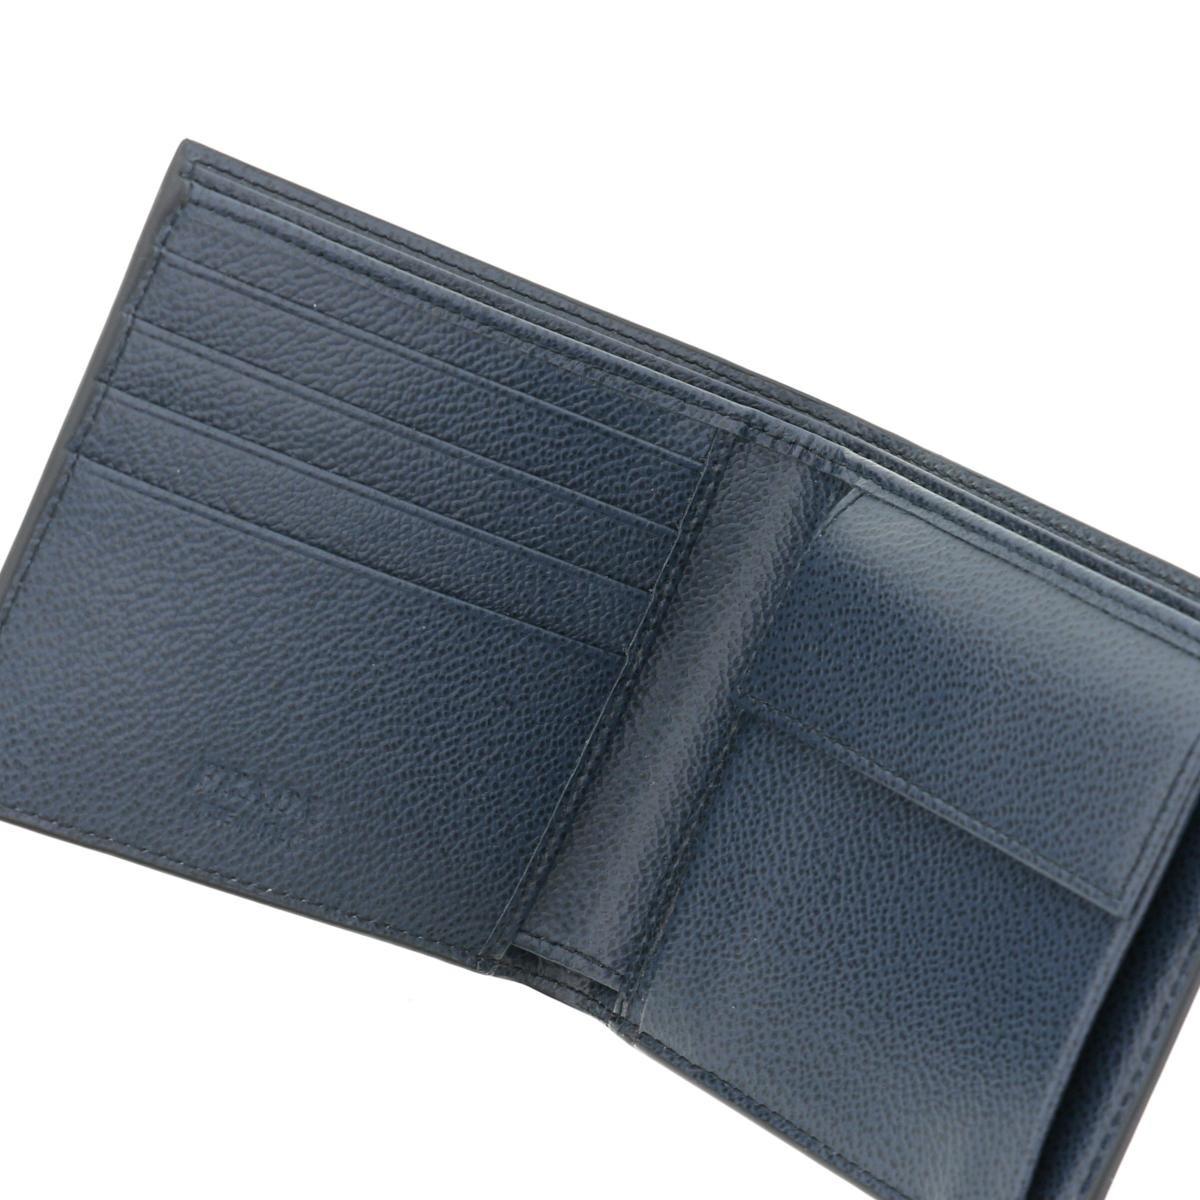 【即日発送・水曜定休日・木曜発送】【極上品】【RI】PRADA (プラダ) カラーブロック 二つ折り財布 財布 二つ折り財布(小銭入有)  Navy*Red/ネイビー*レッド 2MO738 unused:S